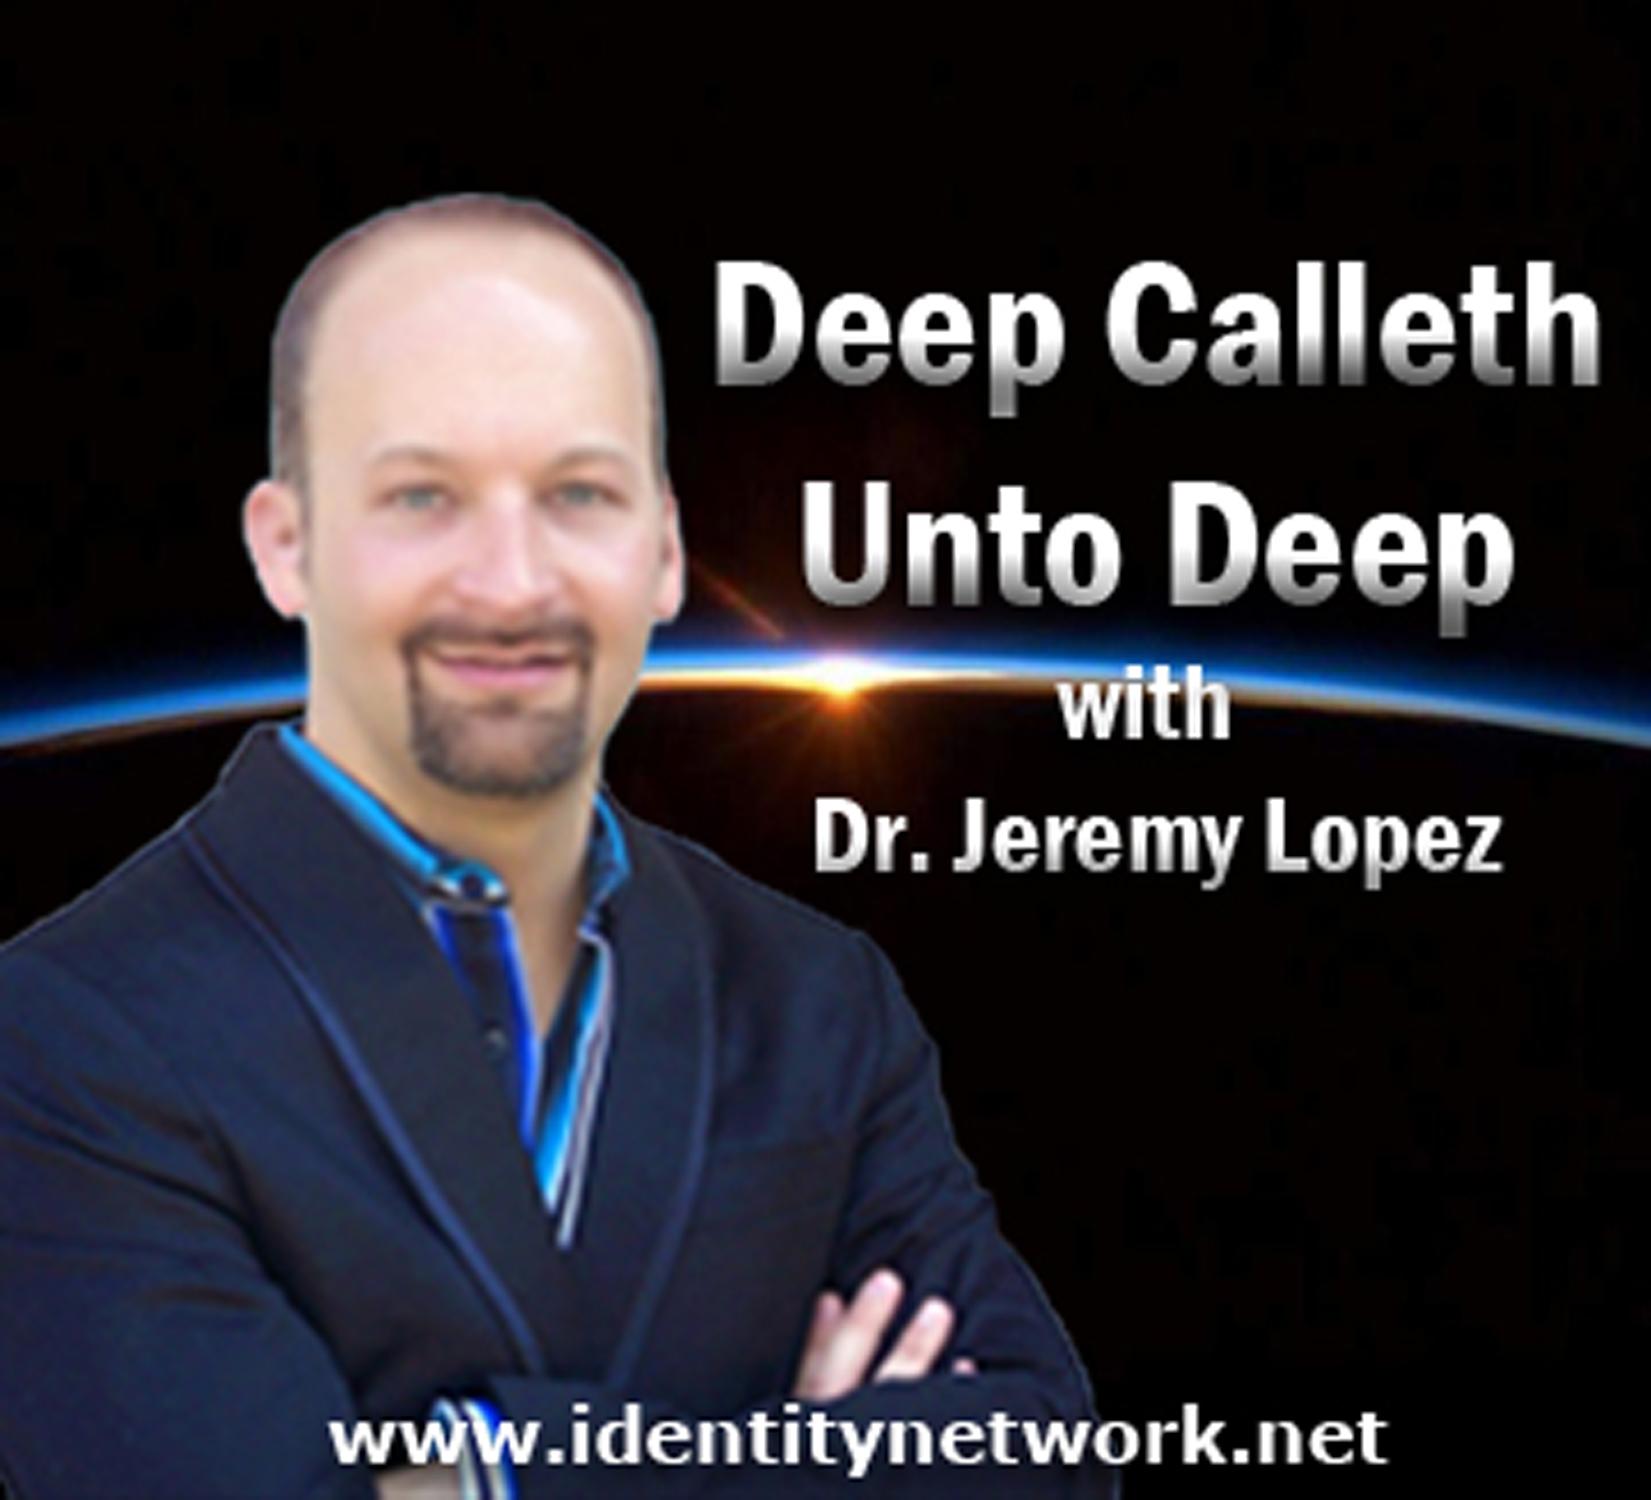 Deep Calleth Unto Deep with Jeremy Lopez